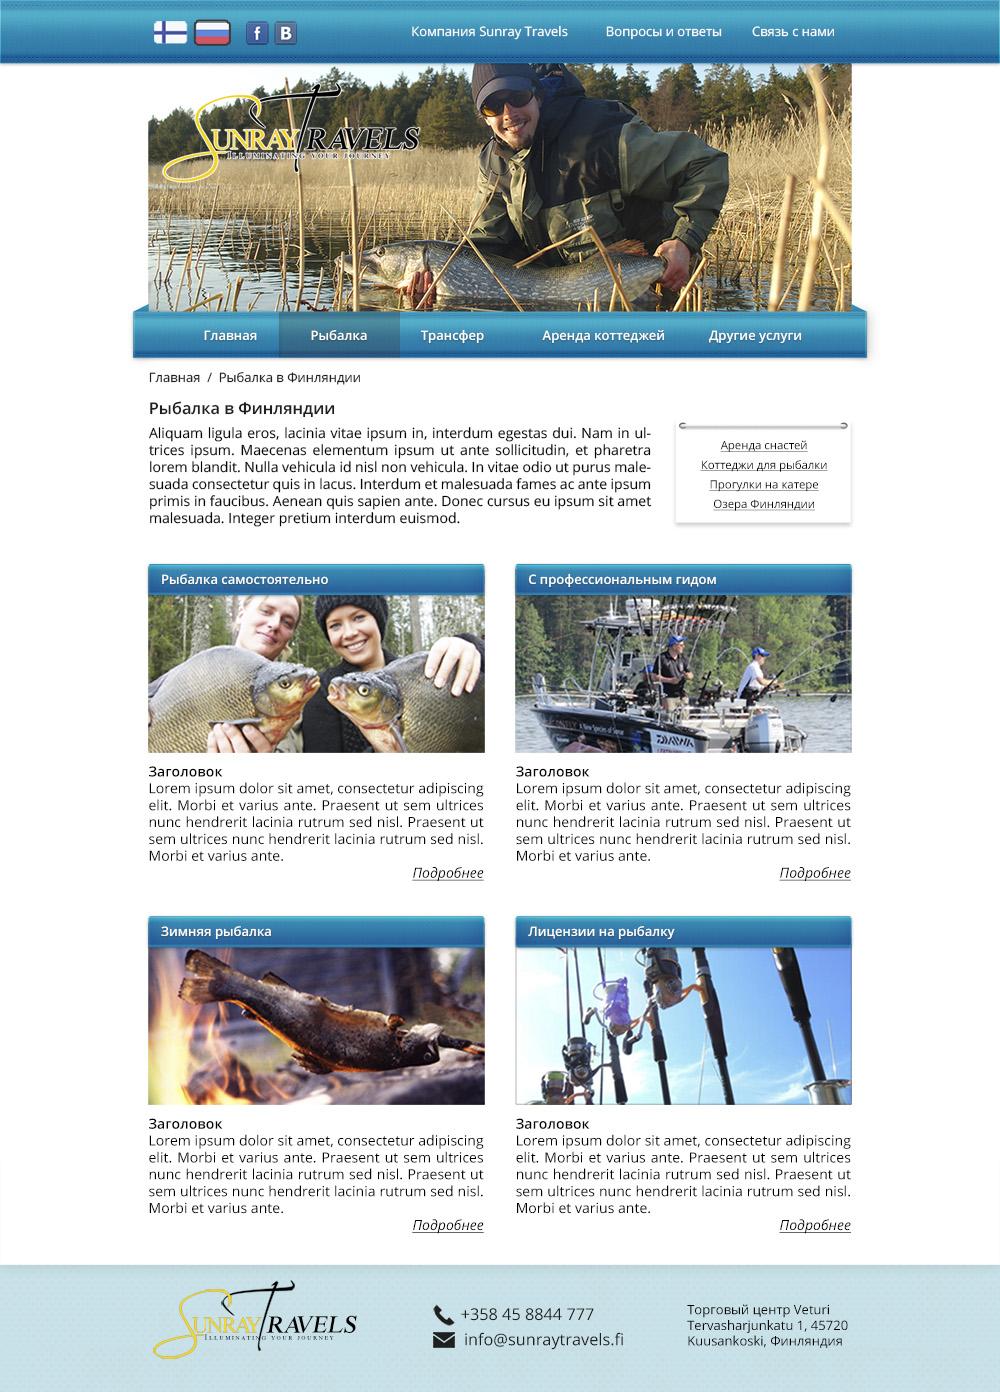 Sunray Travels (Финляндия) – разработка основной и мобильной версий дизайна